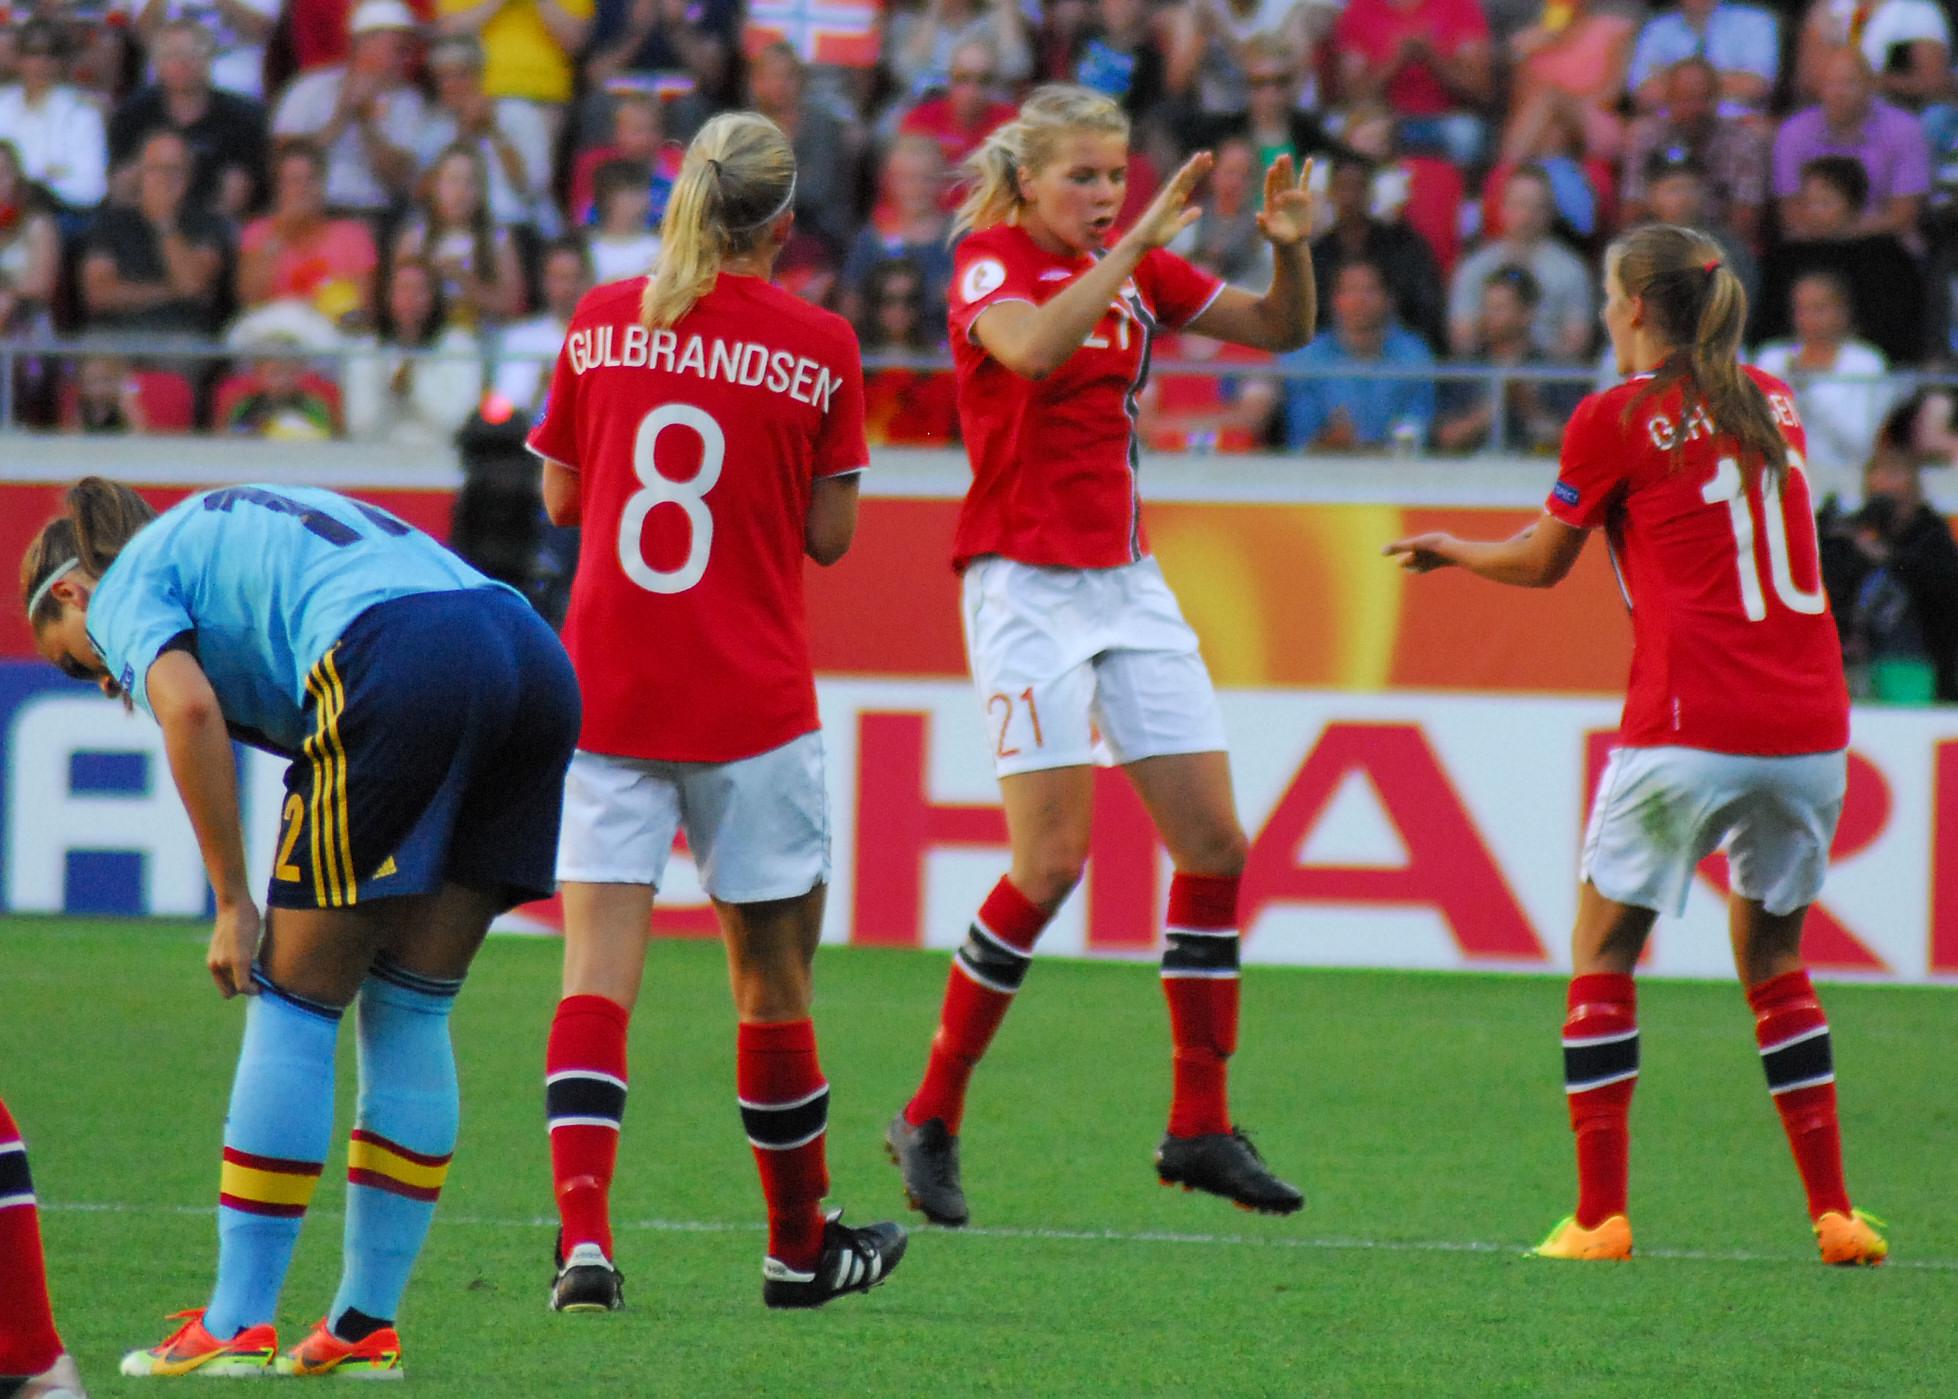 Grund zum Feiern: Solveig Gulbrandsen, Ada Hegerberg und Maren Mjelde stehen mit Norwegen im Halbfinale. Foto: hj-media